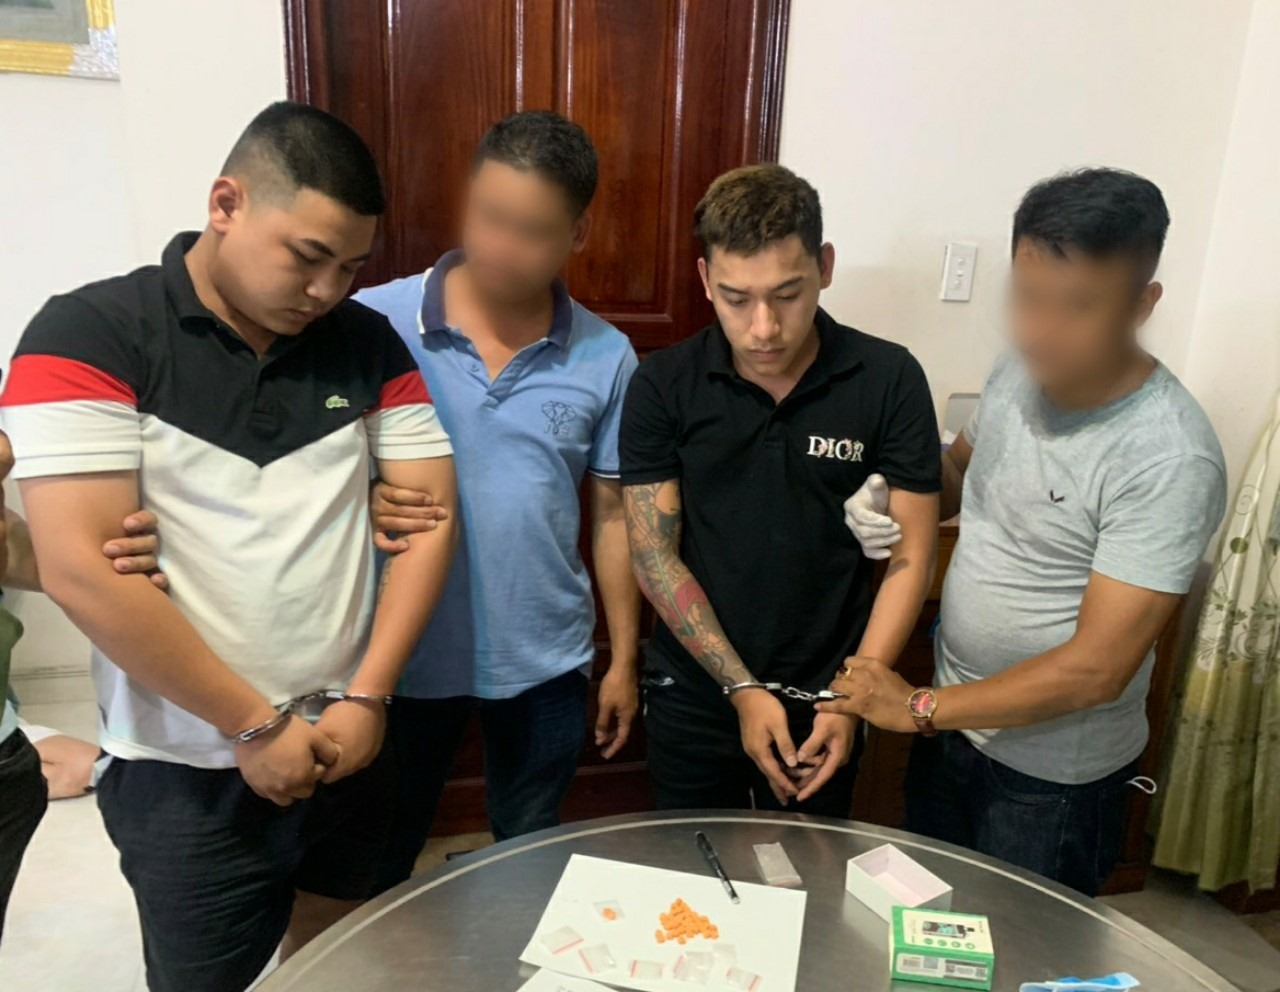 Đối tượng Trí (áo đen) và Truyền (áo trắng - đen) bị công an bắt giữ. Ảnh: Công an cung cấp